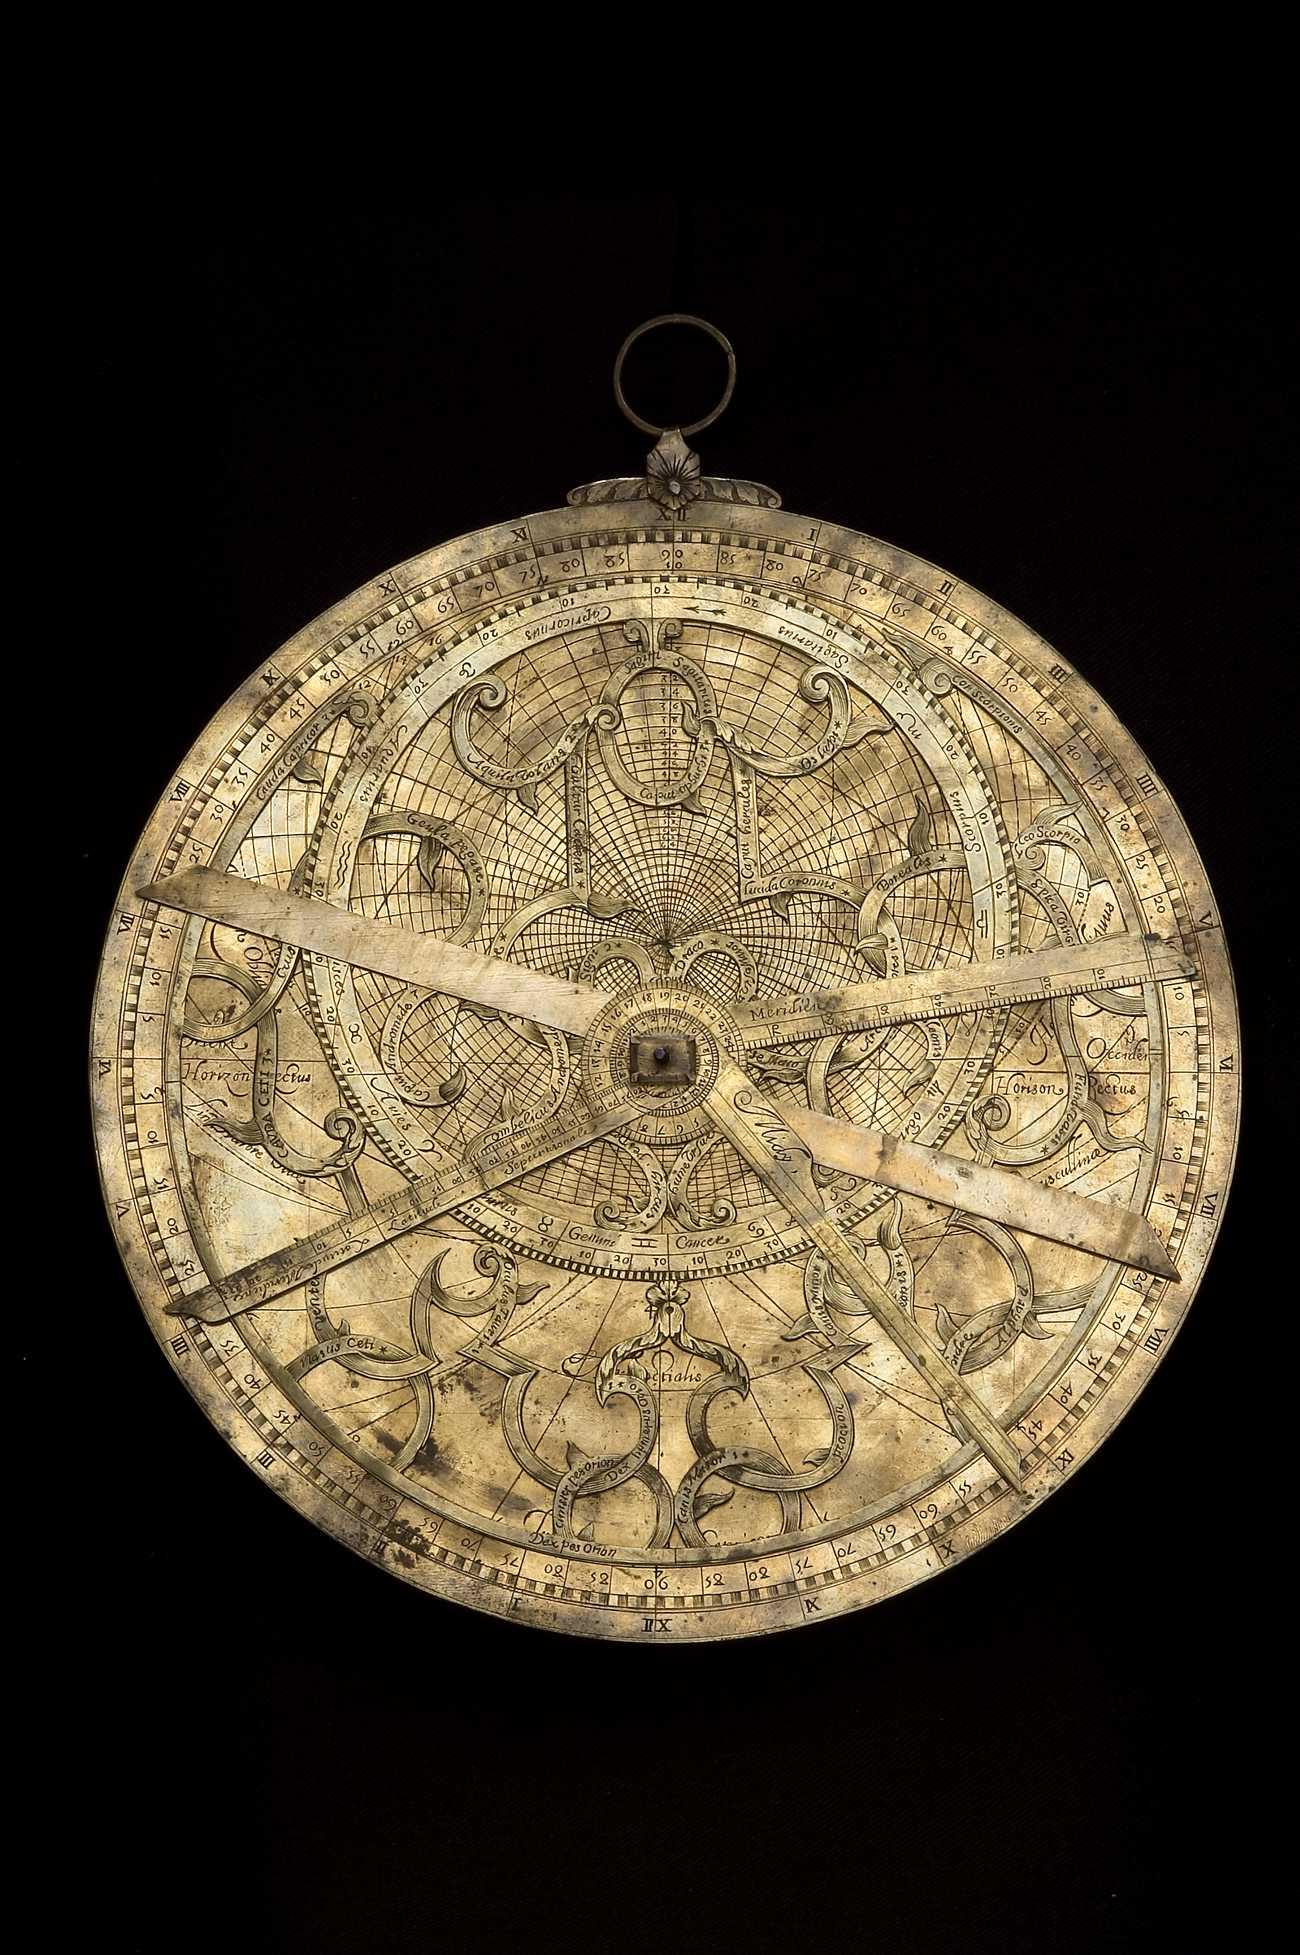 astrolabe thesis Ce chapitre permet de comprendre la construction de l'astrolabe tel qu'il a été   la sphère armillaire pour comprendre l'astrolabe il faut d'abord comprendre le.